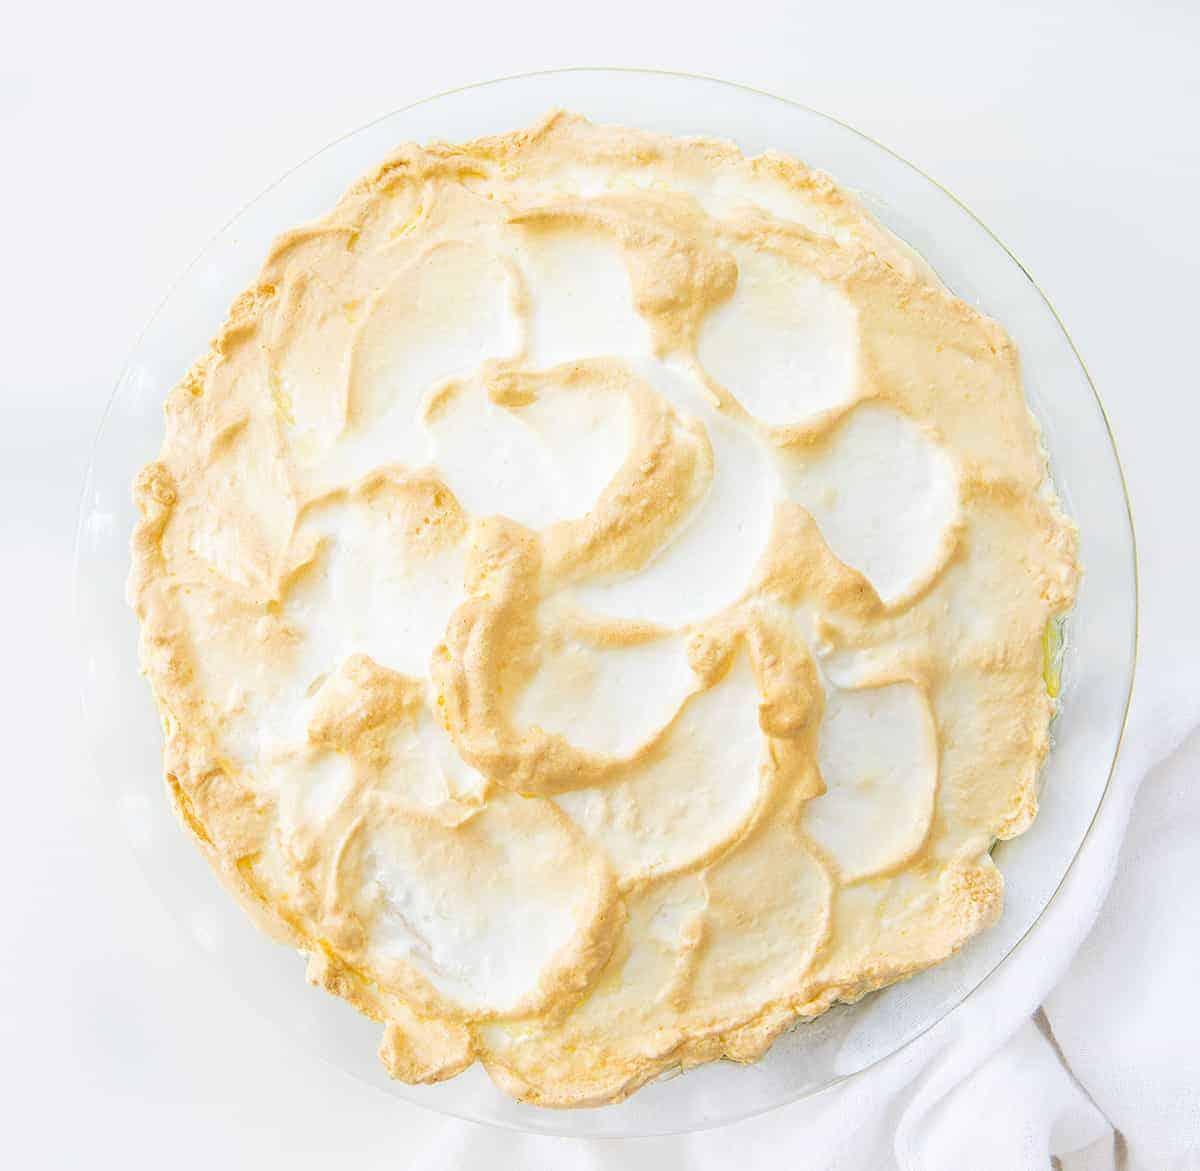 Overhead of a Lemon Meringue Pie with Slightly Browned Meringue